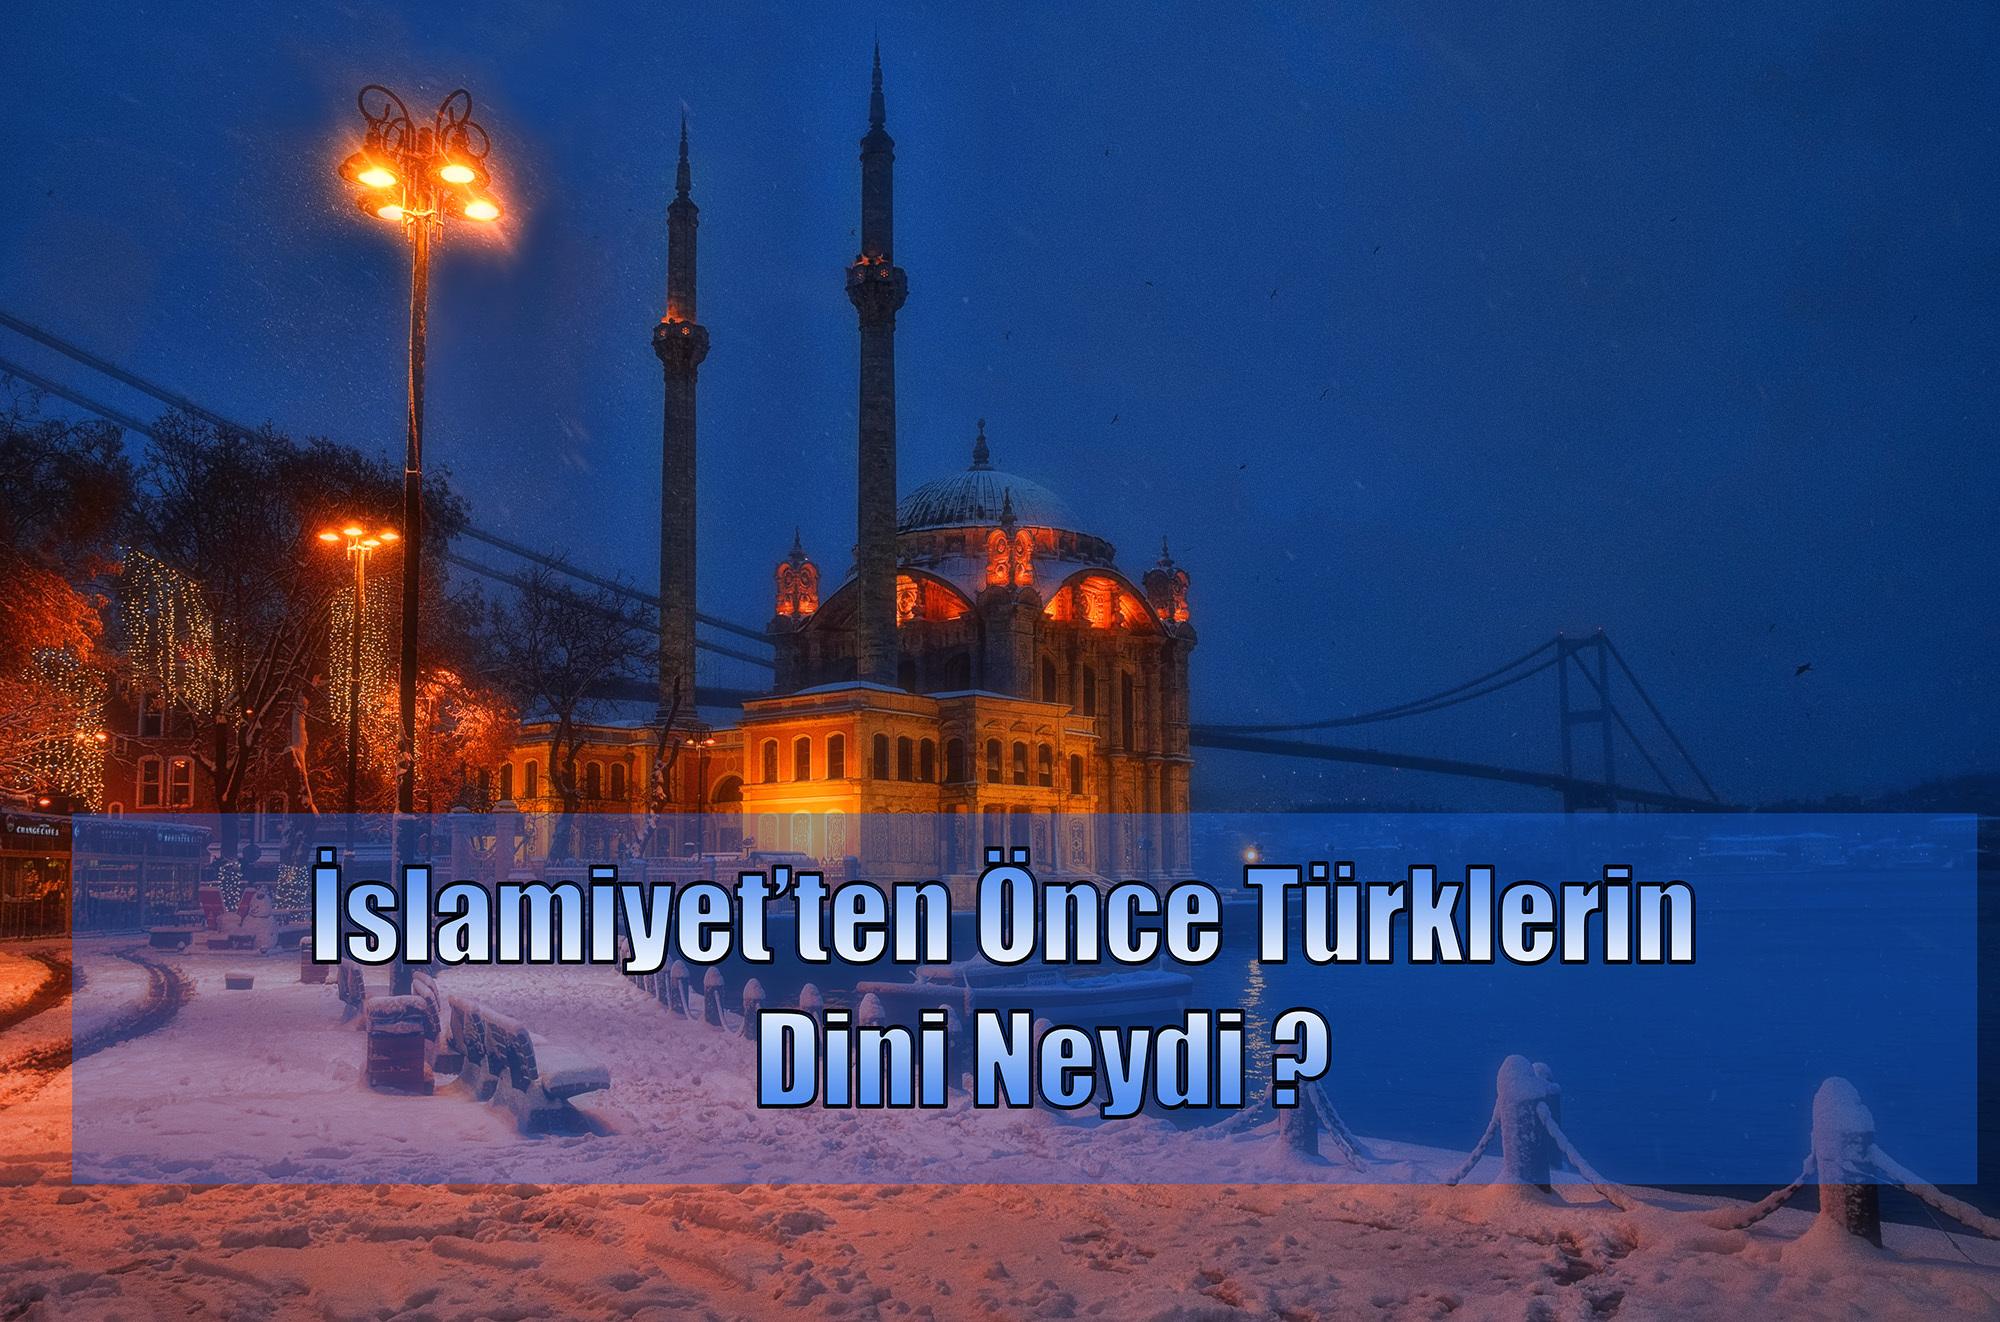 Türklerin İslamiyet'ten Önceki İnancı Nedir